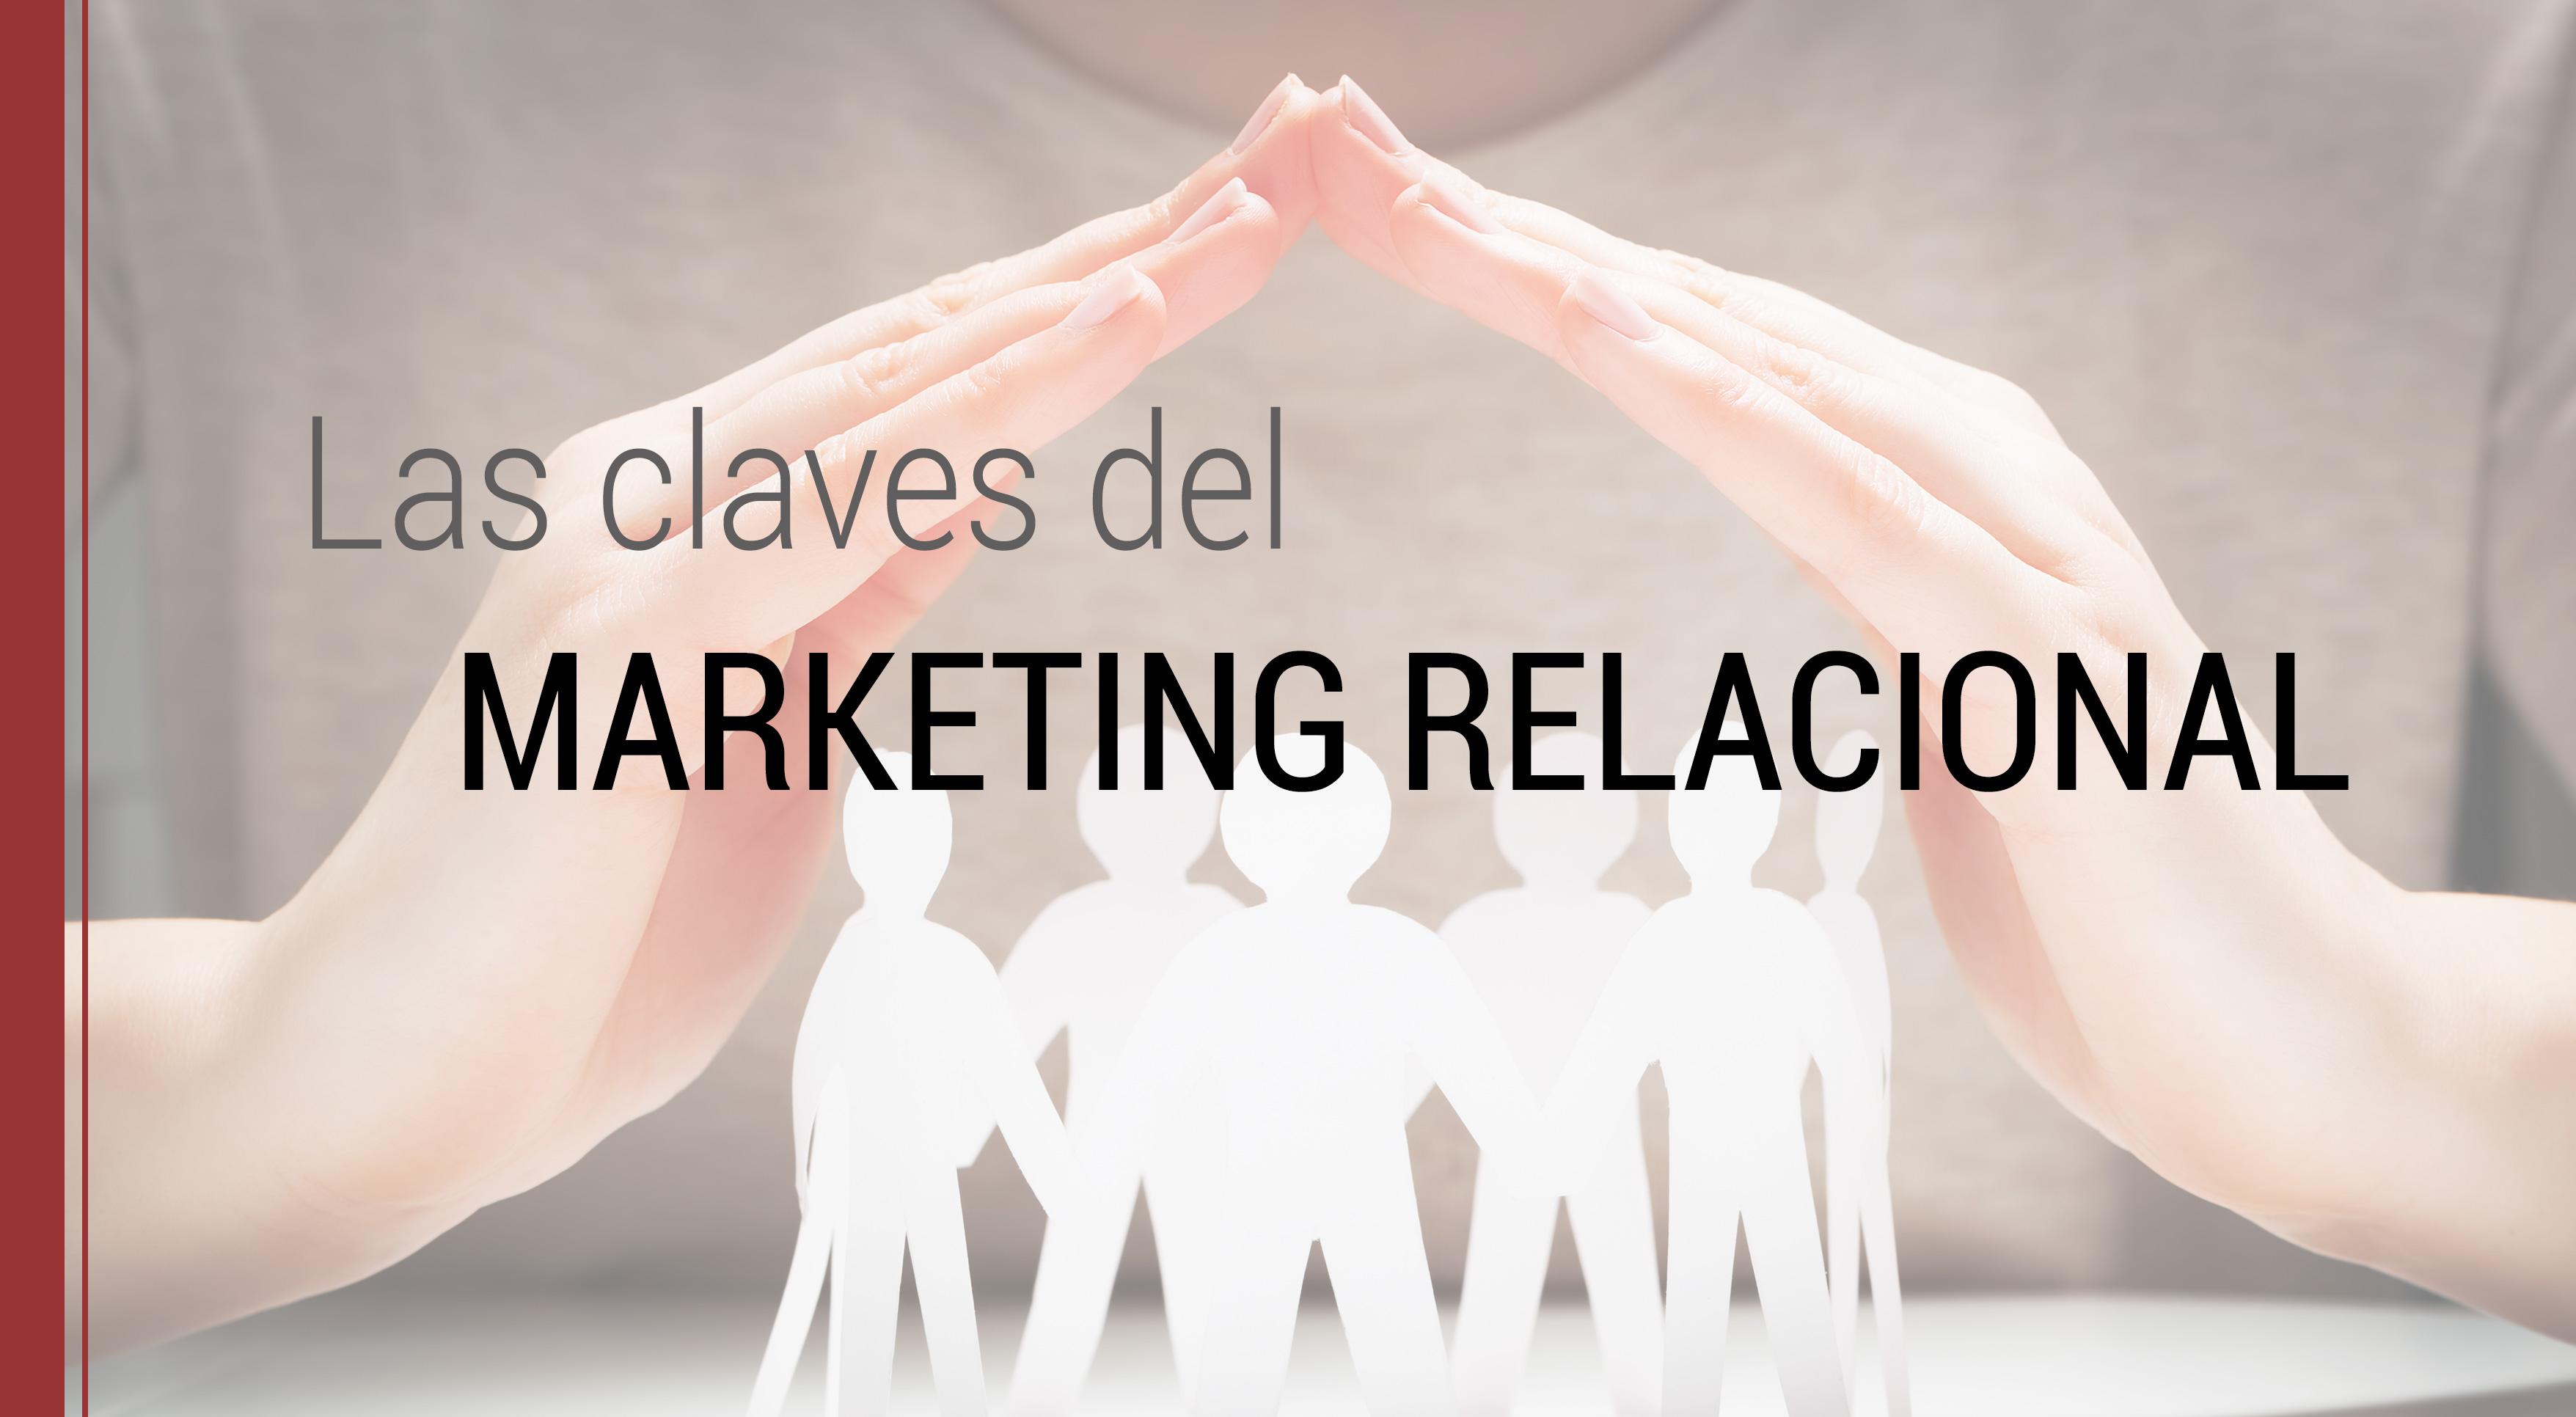 las claves del marketing relacional